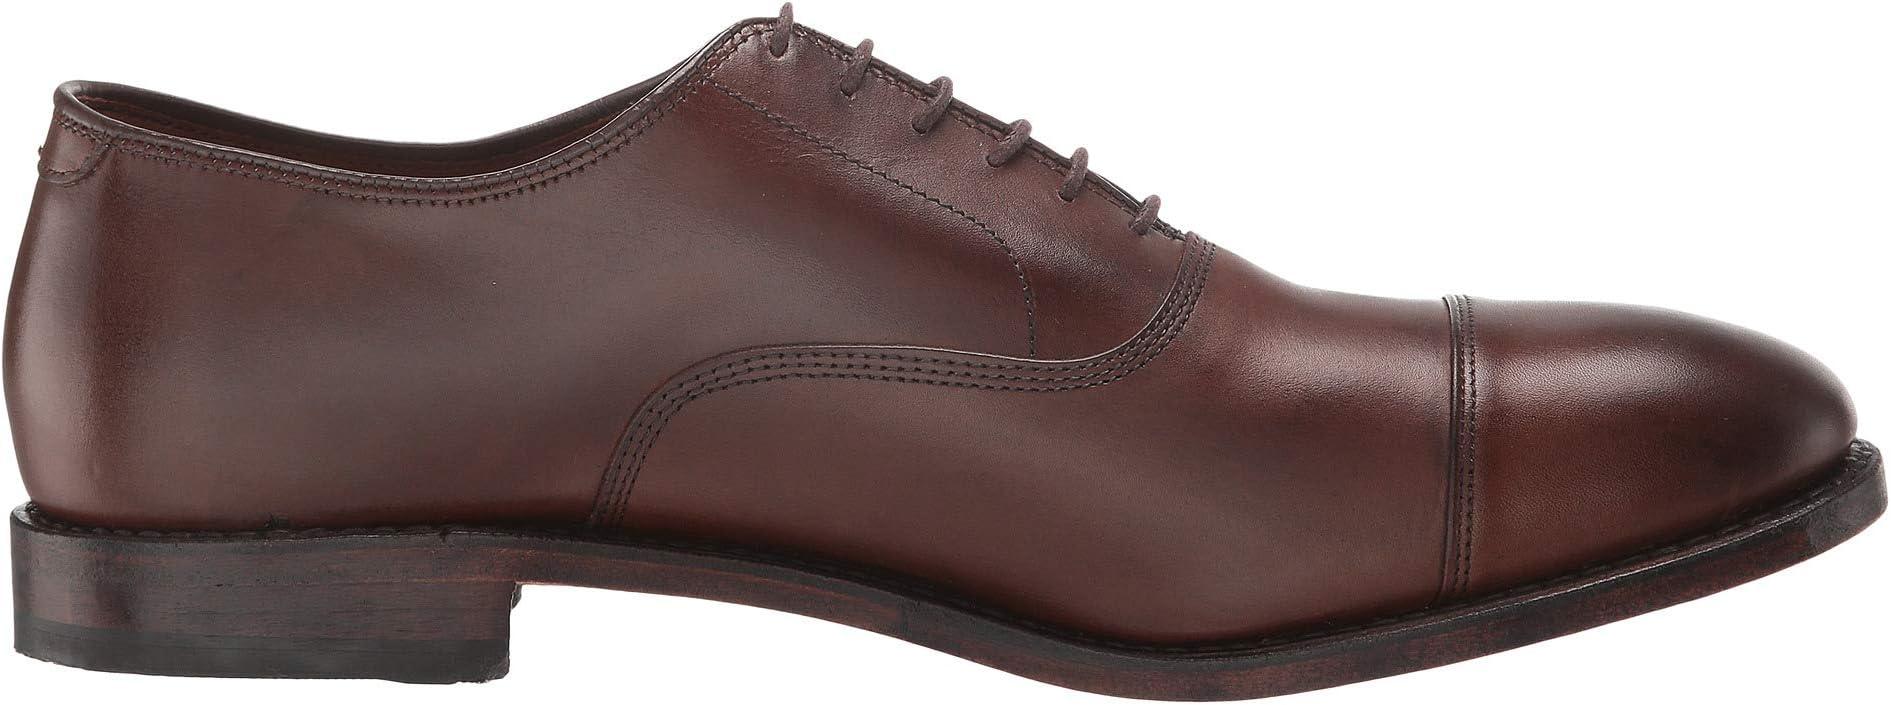 Allen Edmonds Park Avenue | Men's shoes | 2020 Newest